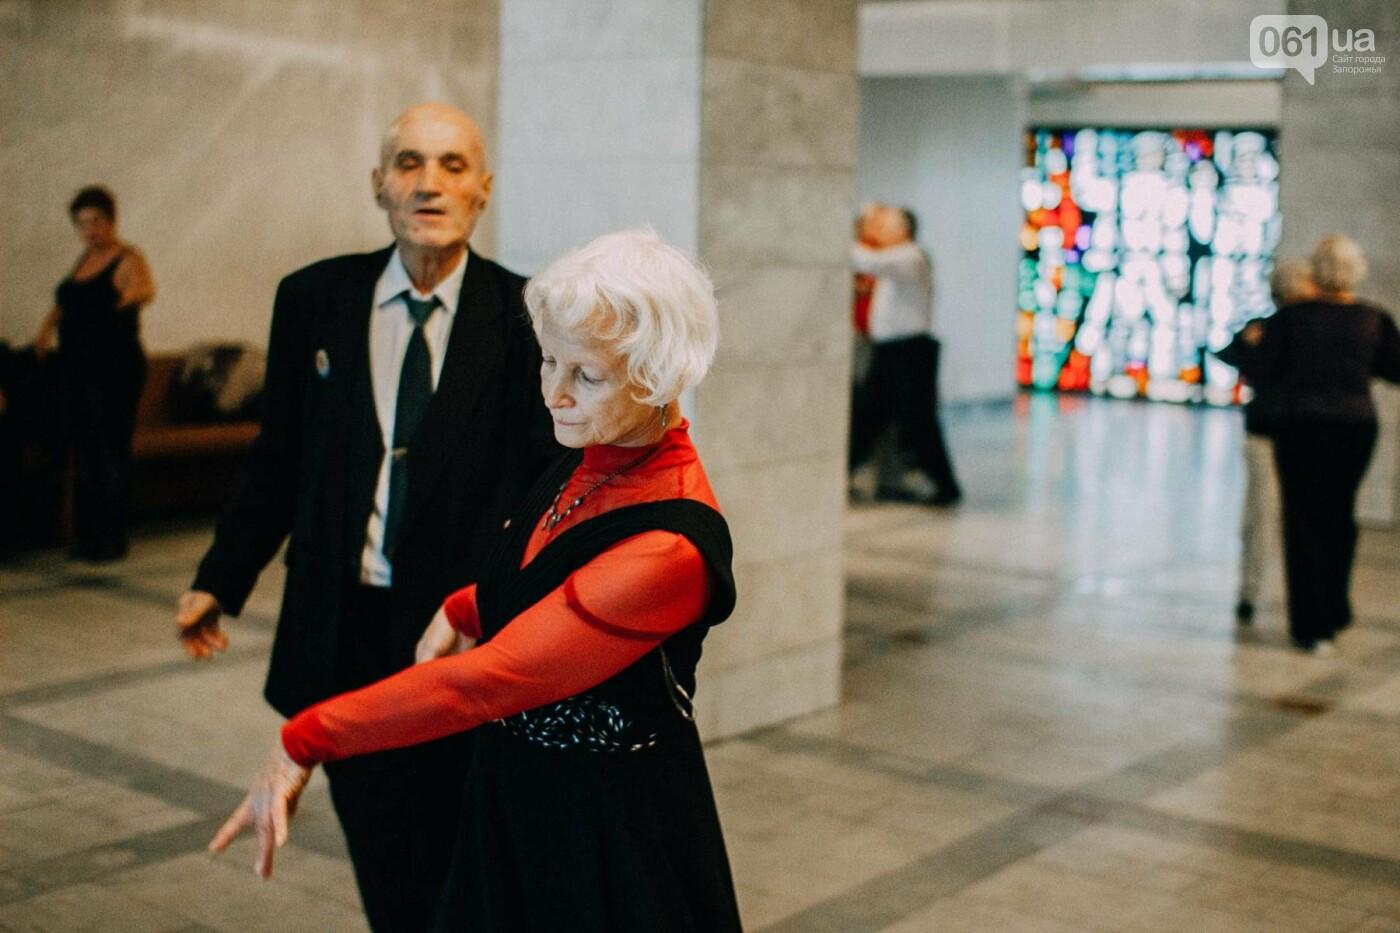 """""""Я ей сказал - до 90 лет будем танцевать!"""": как влюбленные запорожцы нашли друг друга благодаря танцам , фото-9"""